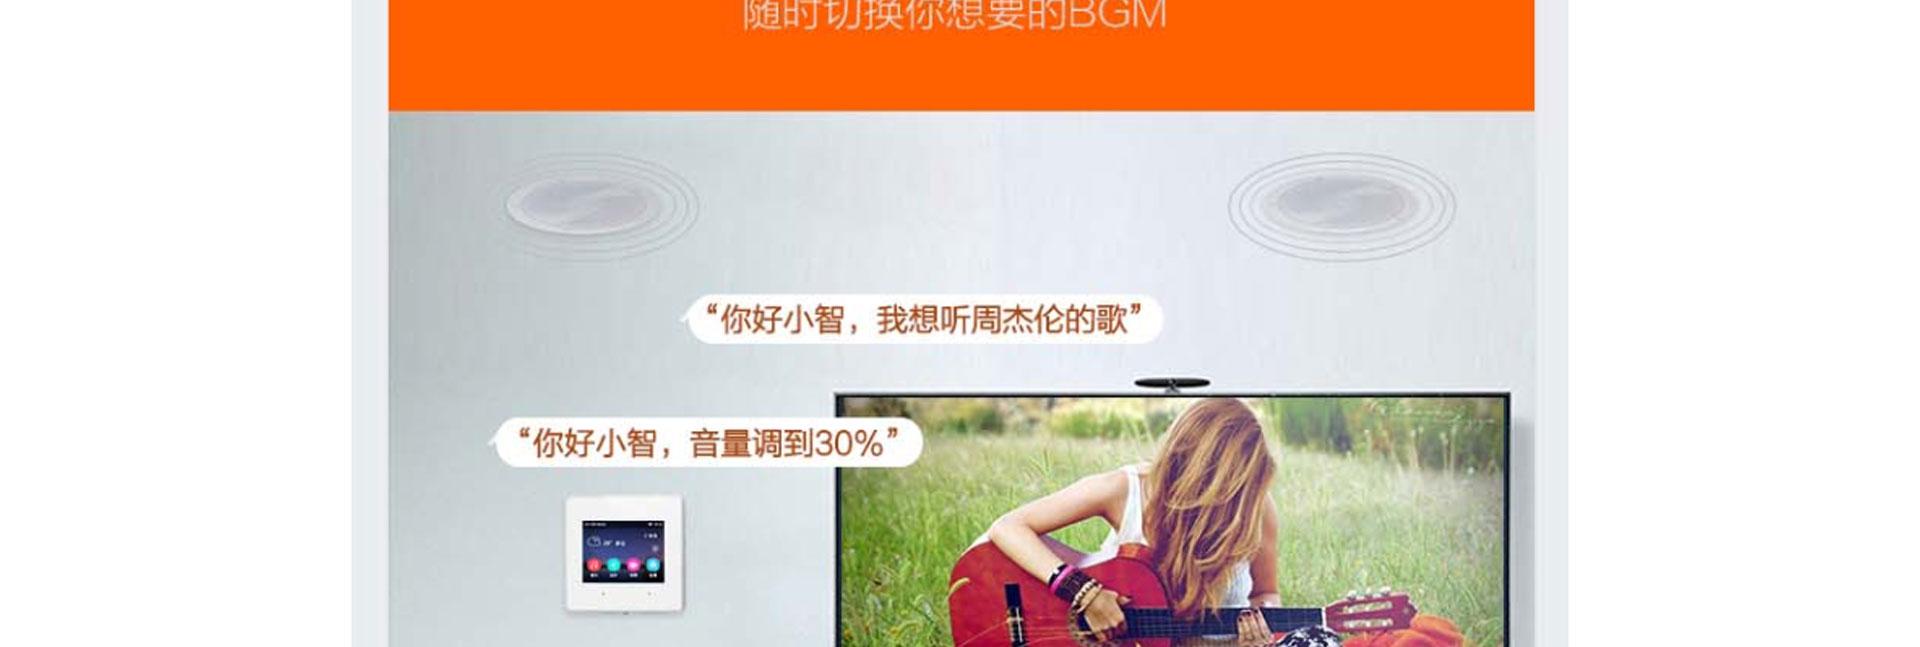 背景音乐面板-MU303